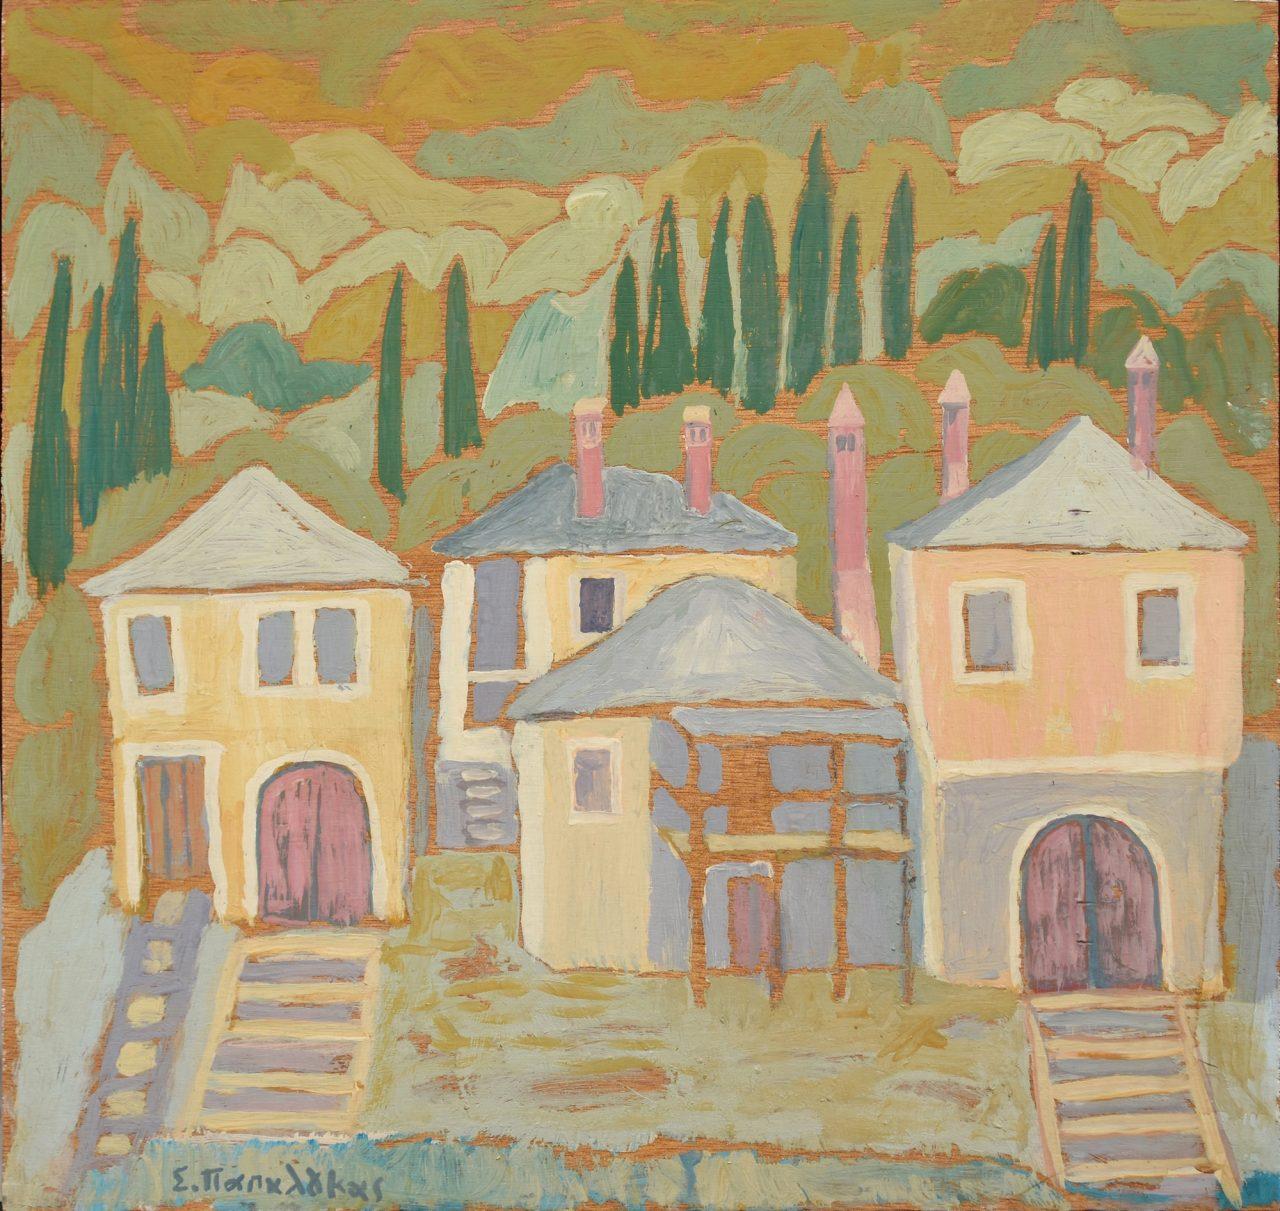 027. PAPALOUKAS  Spyros (1892-1957)